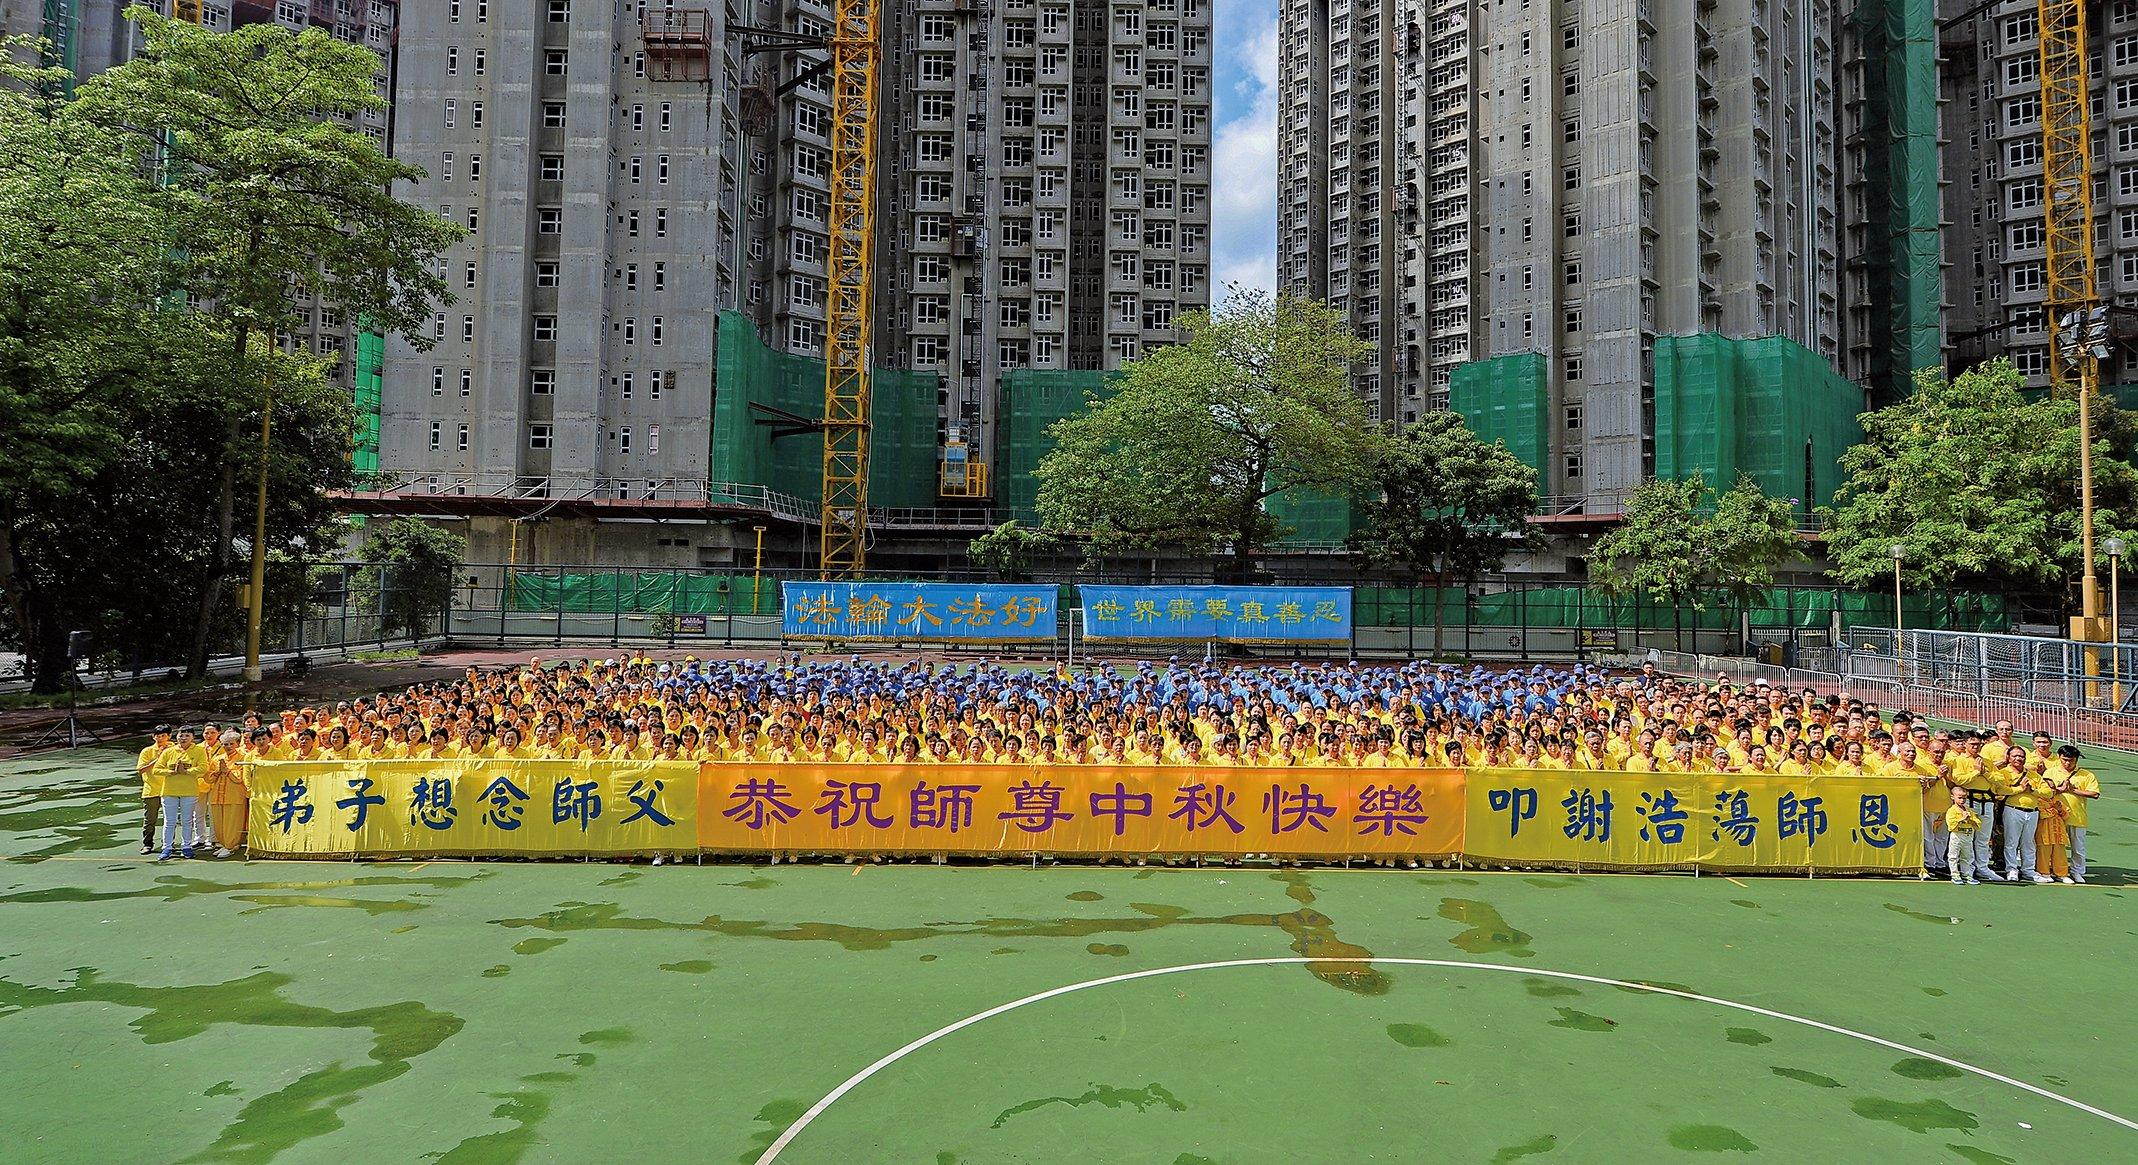 香港及亞洲地區部份法輪功學員星期日在長沙灣遊樂場舉行祝賀活動,恭祝法輪功創始人李洪志先生中秋節快樂。(宋碧龍/大紀元)